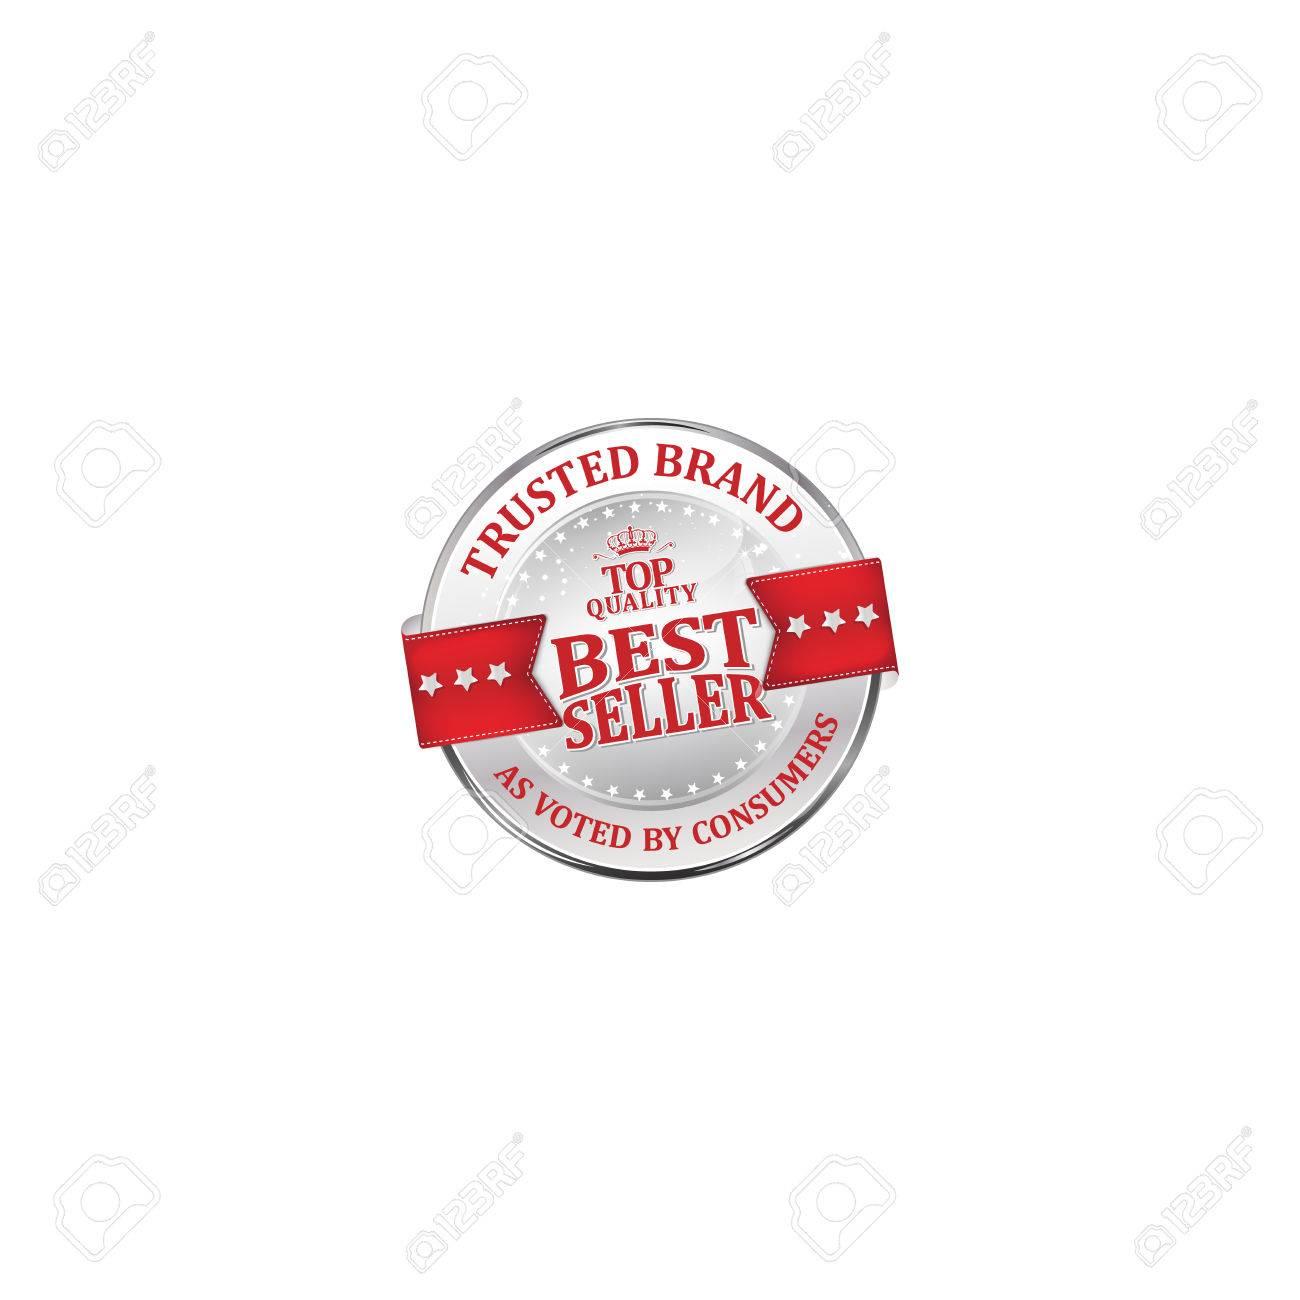 Marca de confianza, según lo votado por los consumidores, éxito de ventas, de calidad superior brillante de lujo rojo metálico icono cinta para